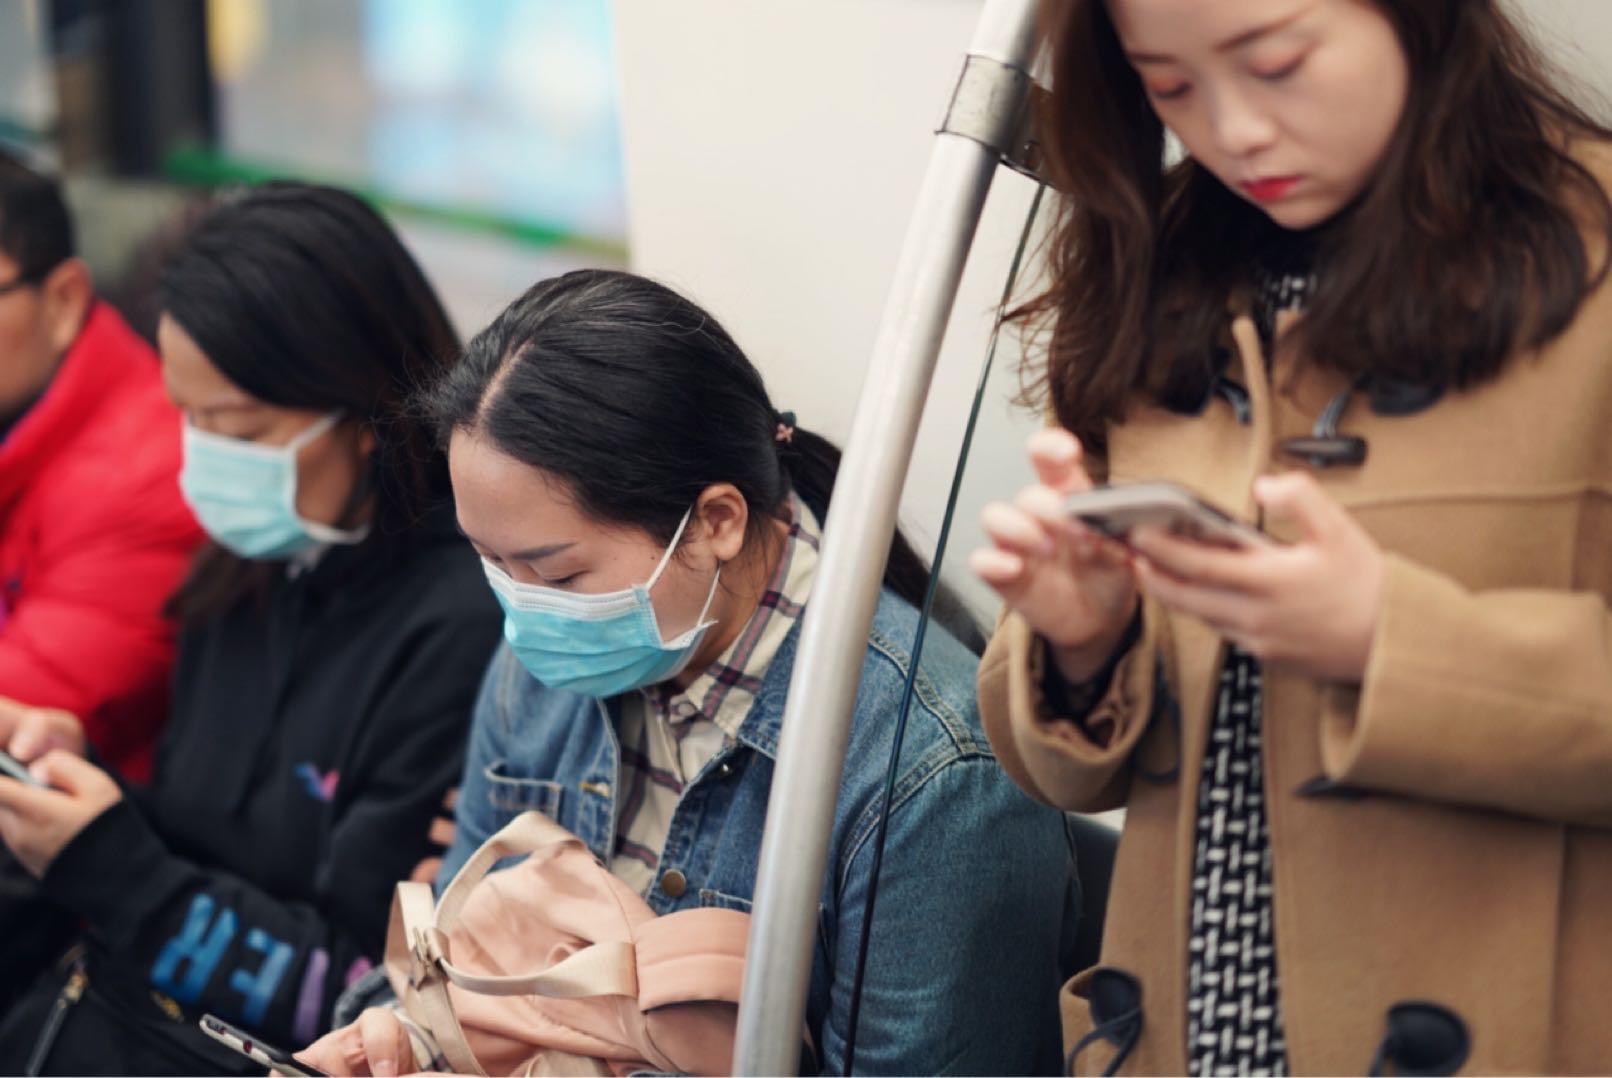 2020年1月21日,中国广州,地铁车厢里戴口罩的乘客。